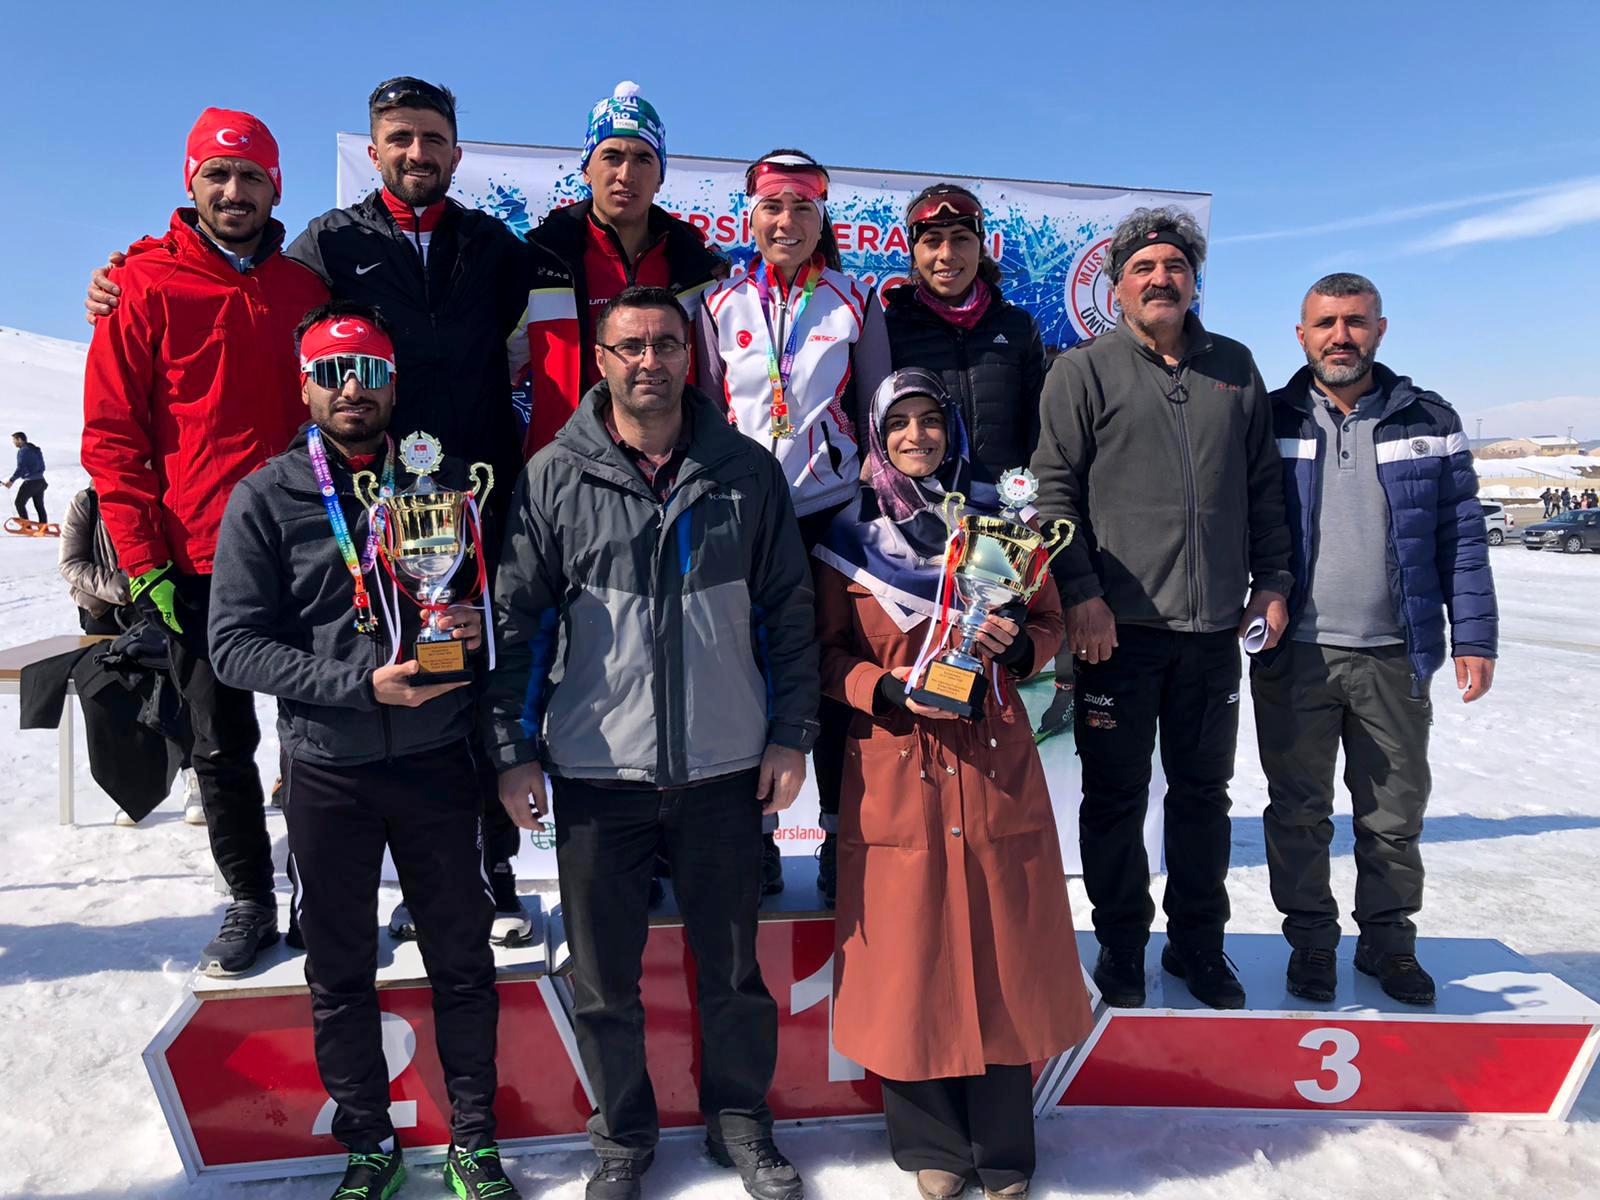 AİÇÜ'lü Öğrenciler Türkiye Şampiyonası'dan Başarıyla Döndü